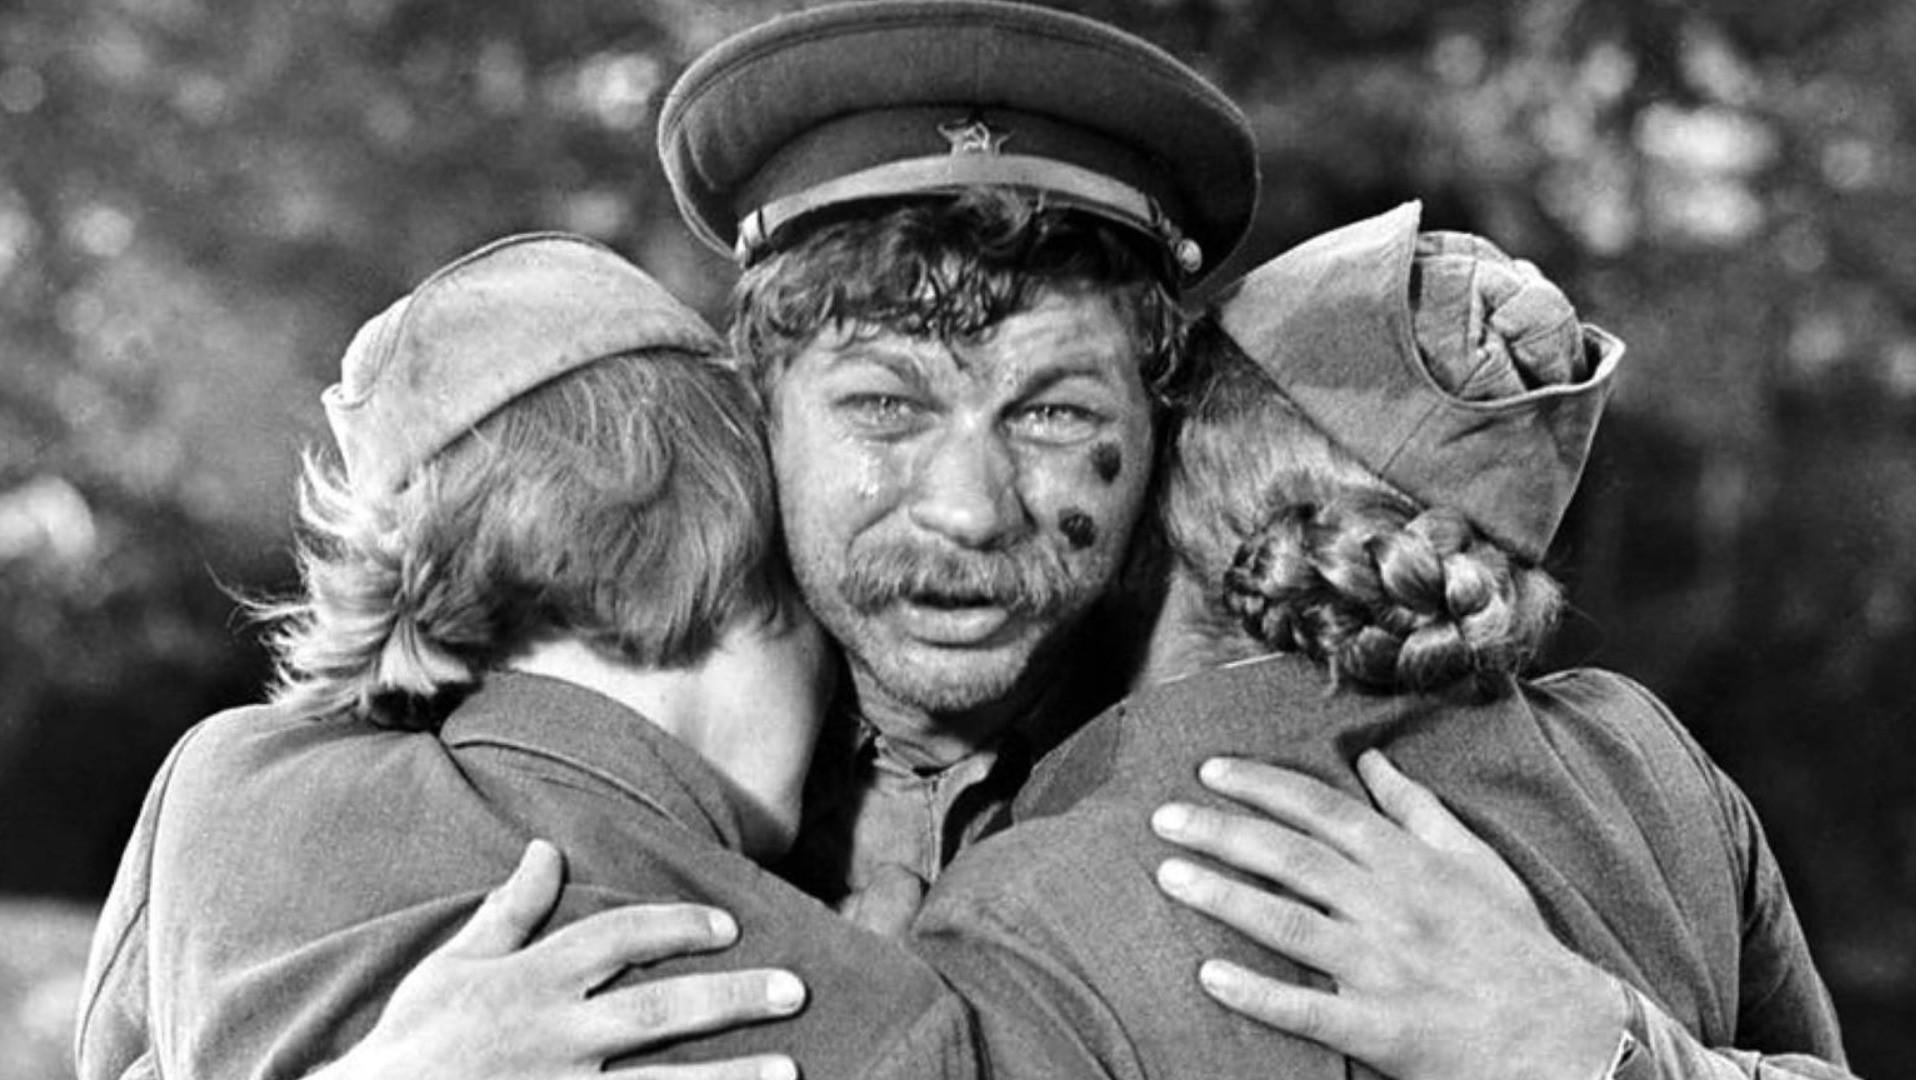 Фильмы о войне, на которых мы выросли (и растим своих детей)